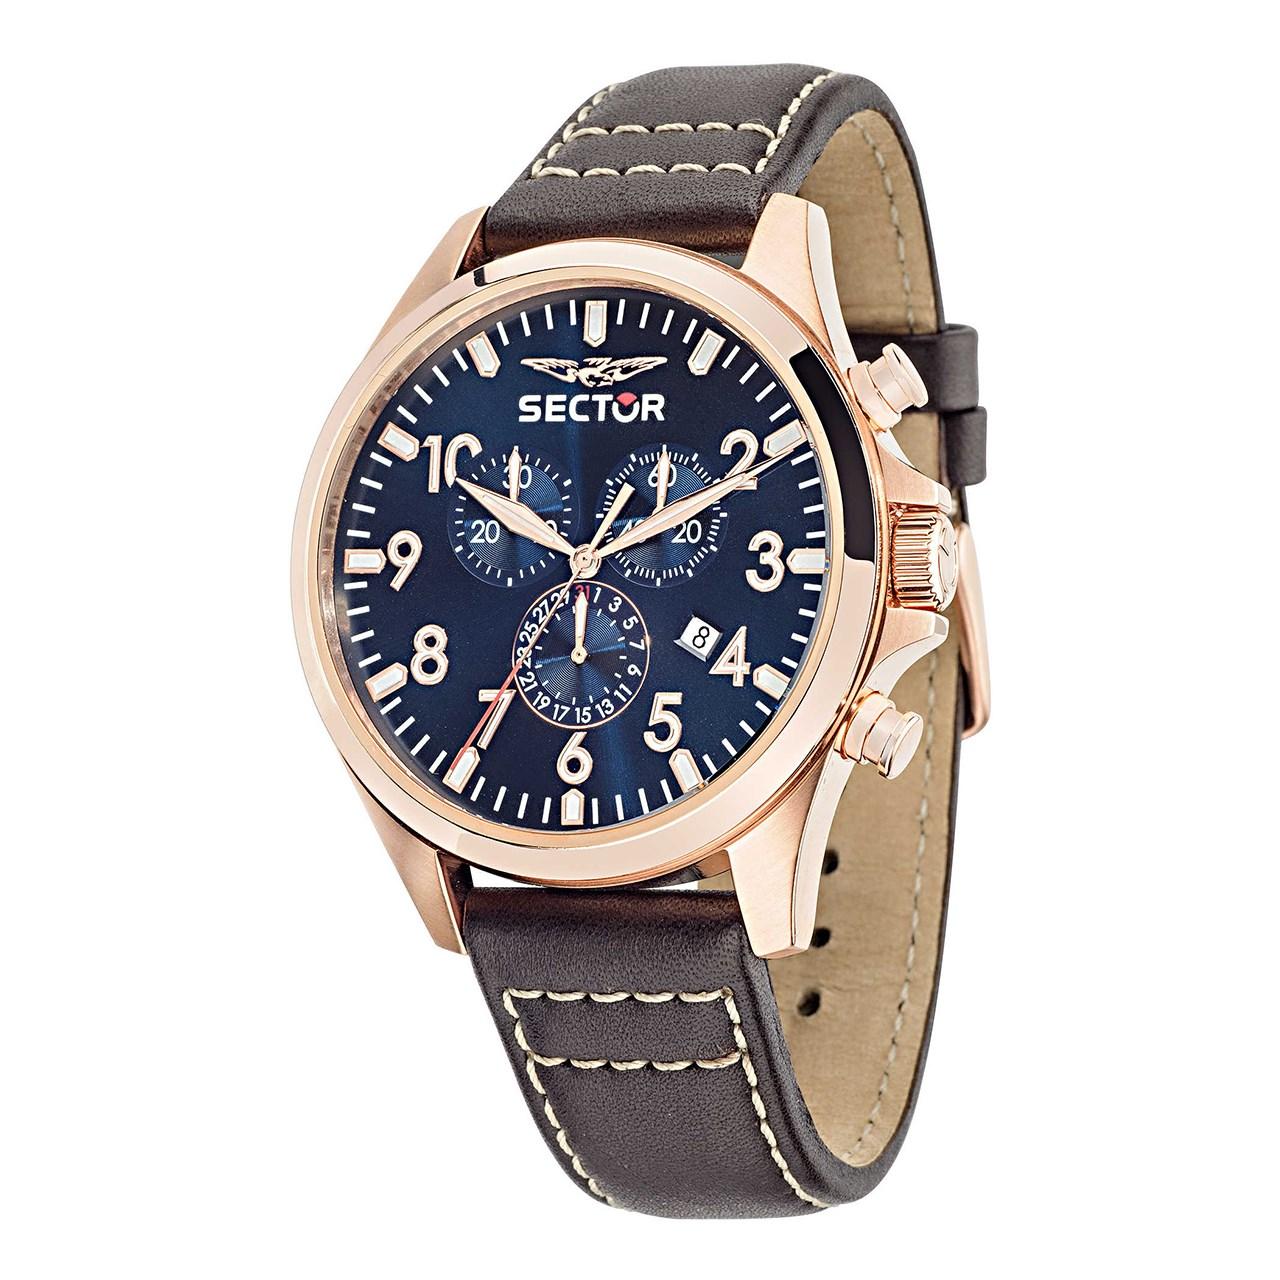 ساعت مچی عقربه ای مردانه  سکتور مدل 180-3271690019